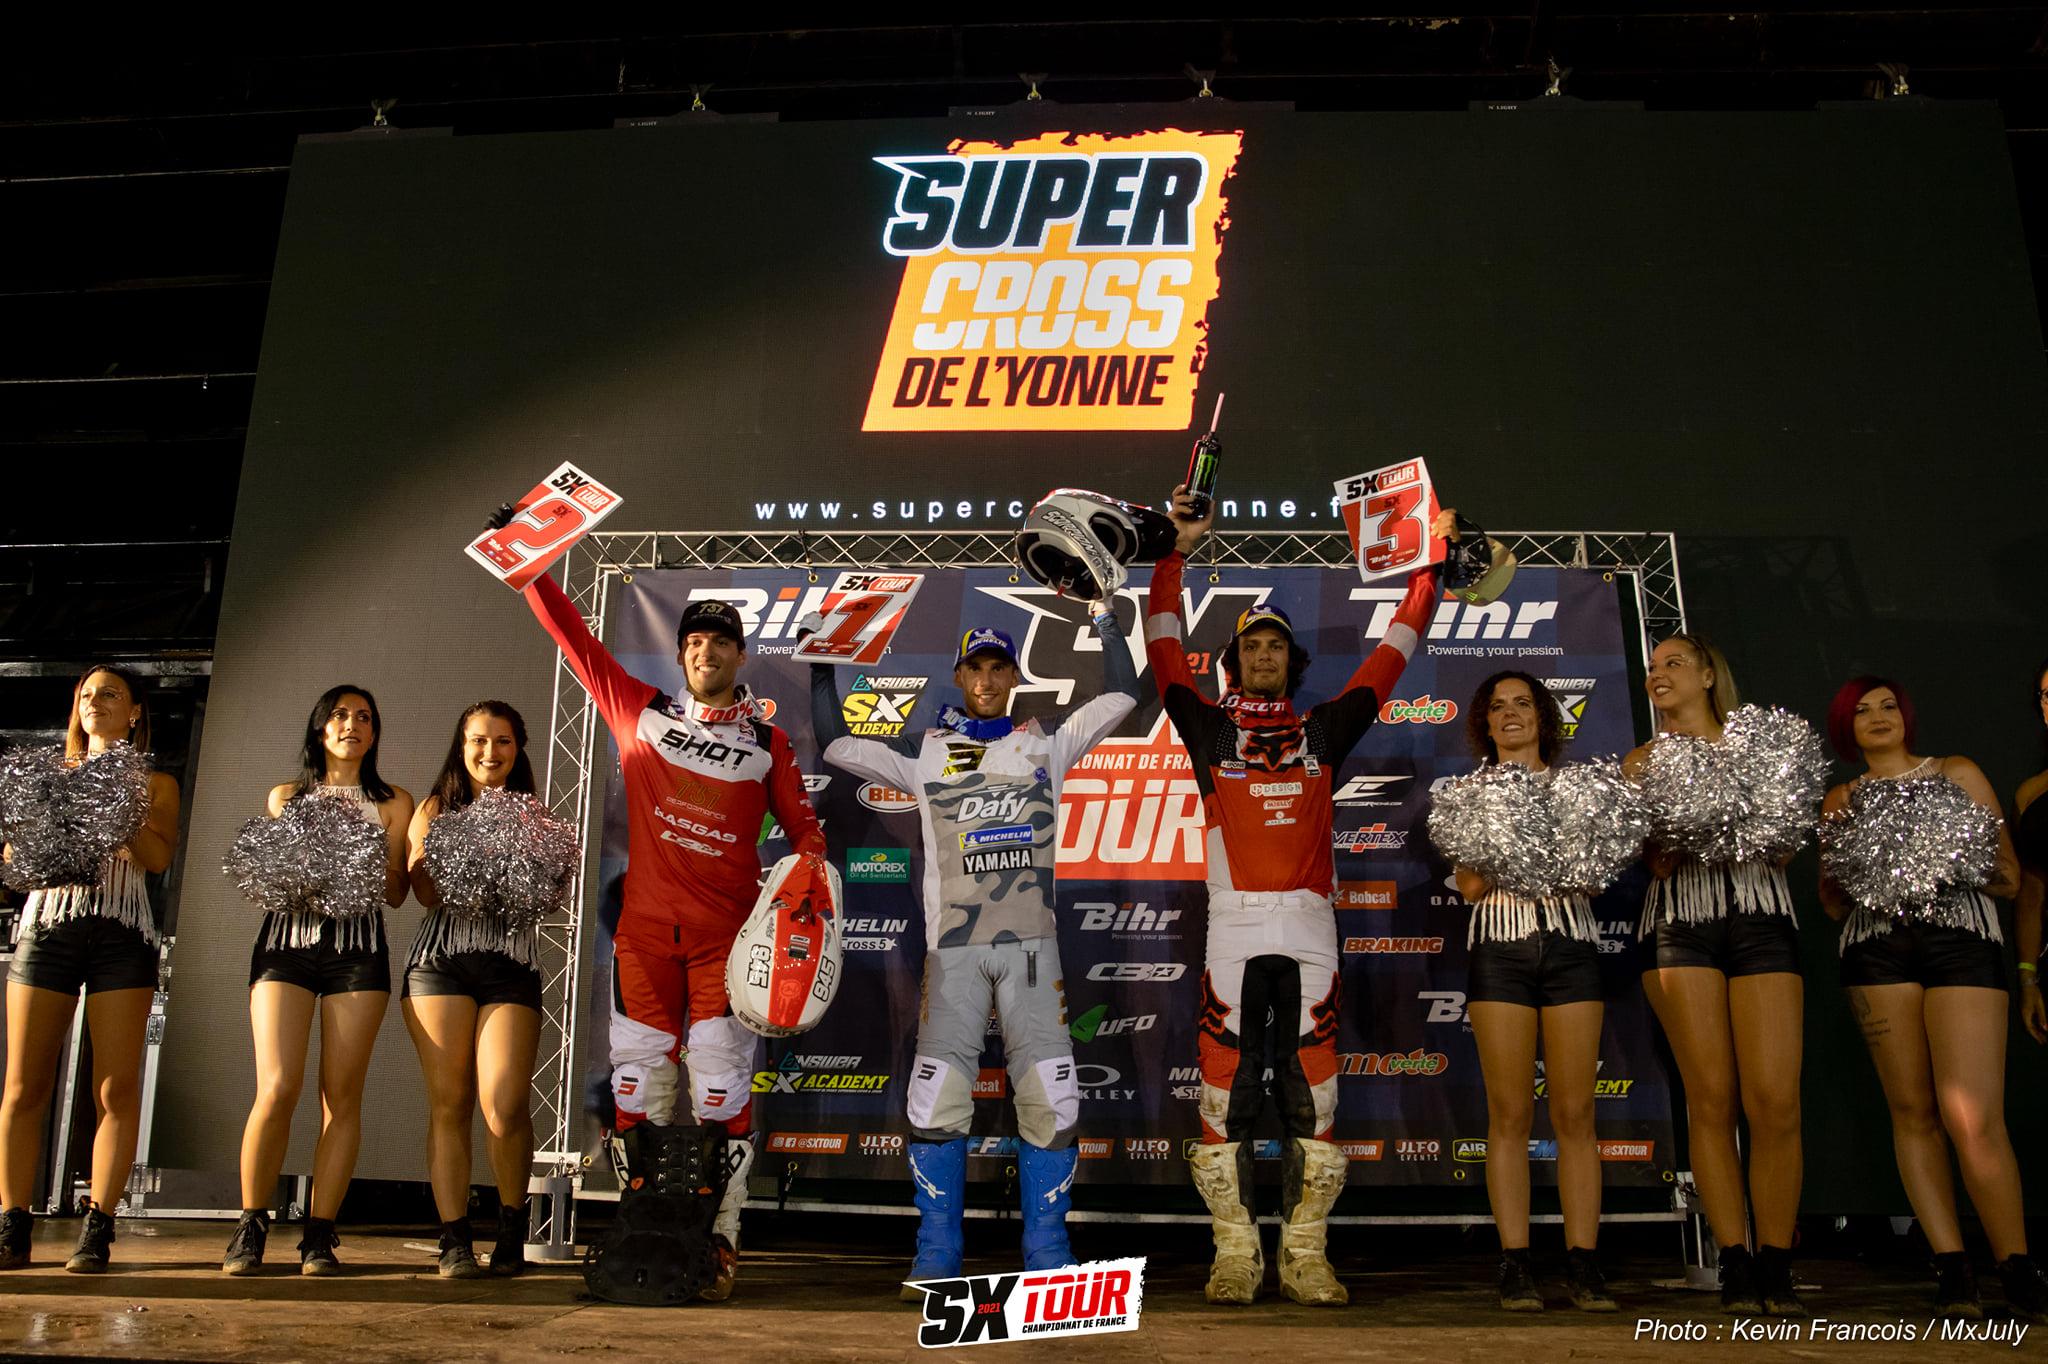 Supercross de l'Yonne 2021 - SX1